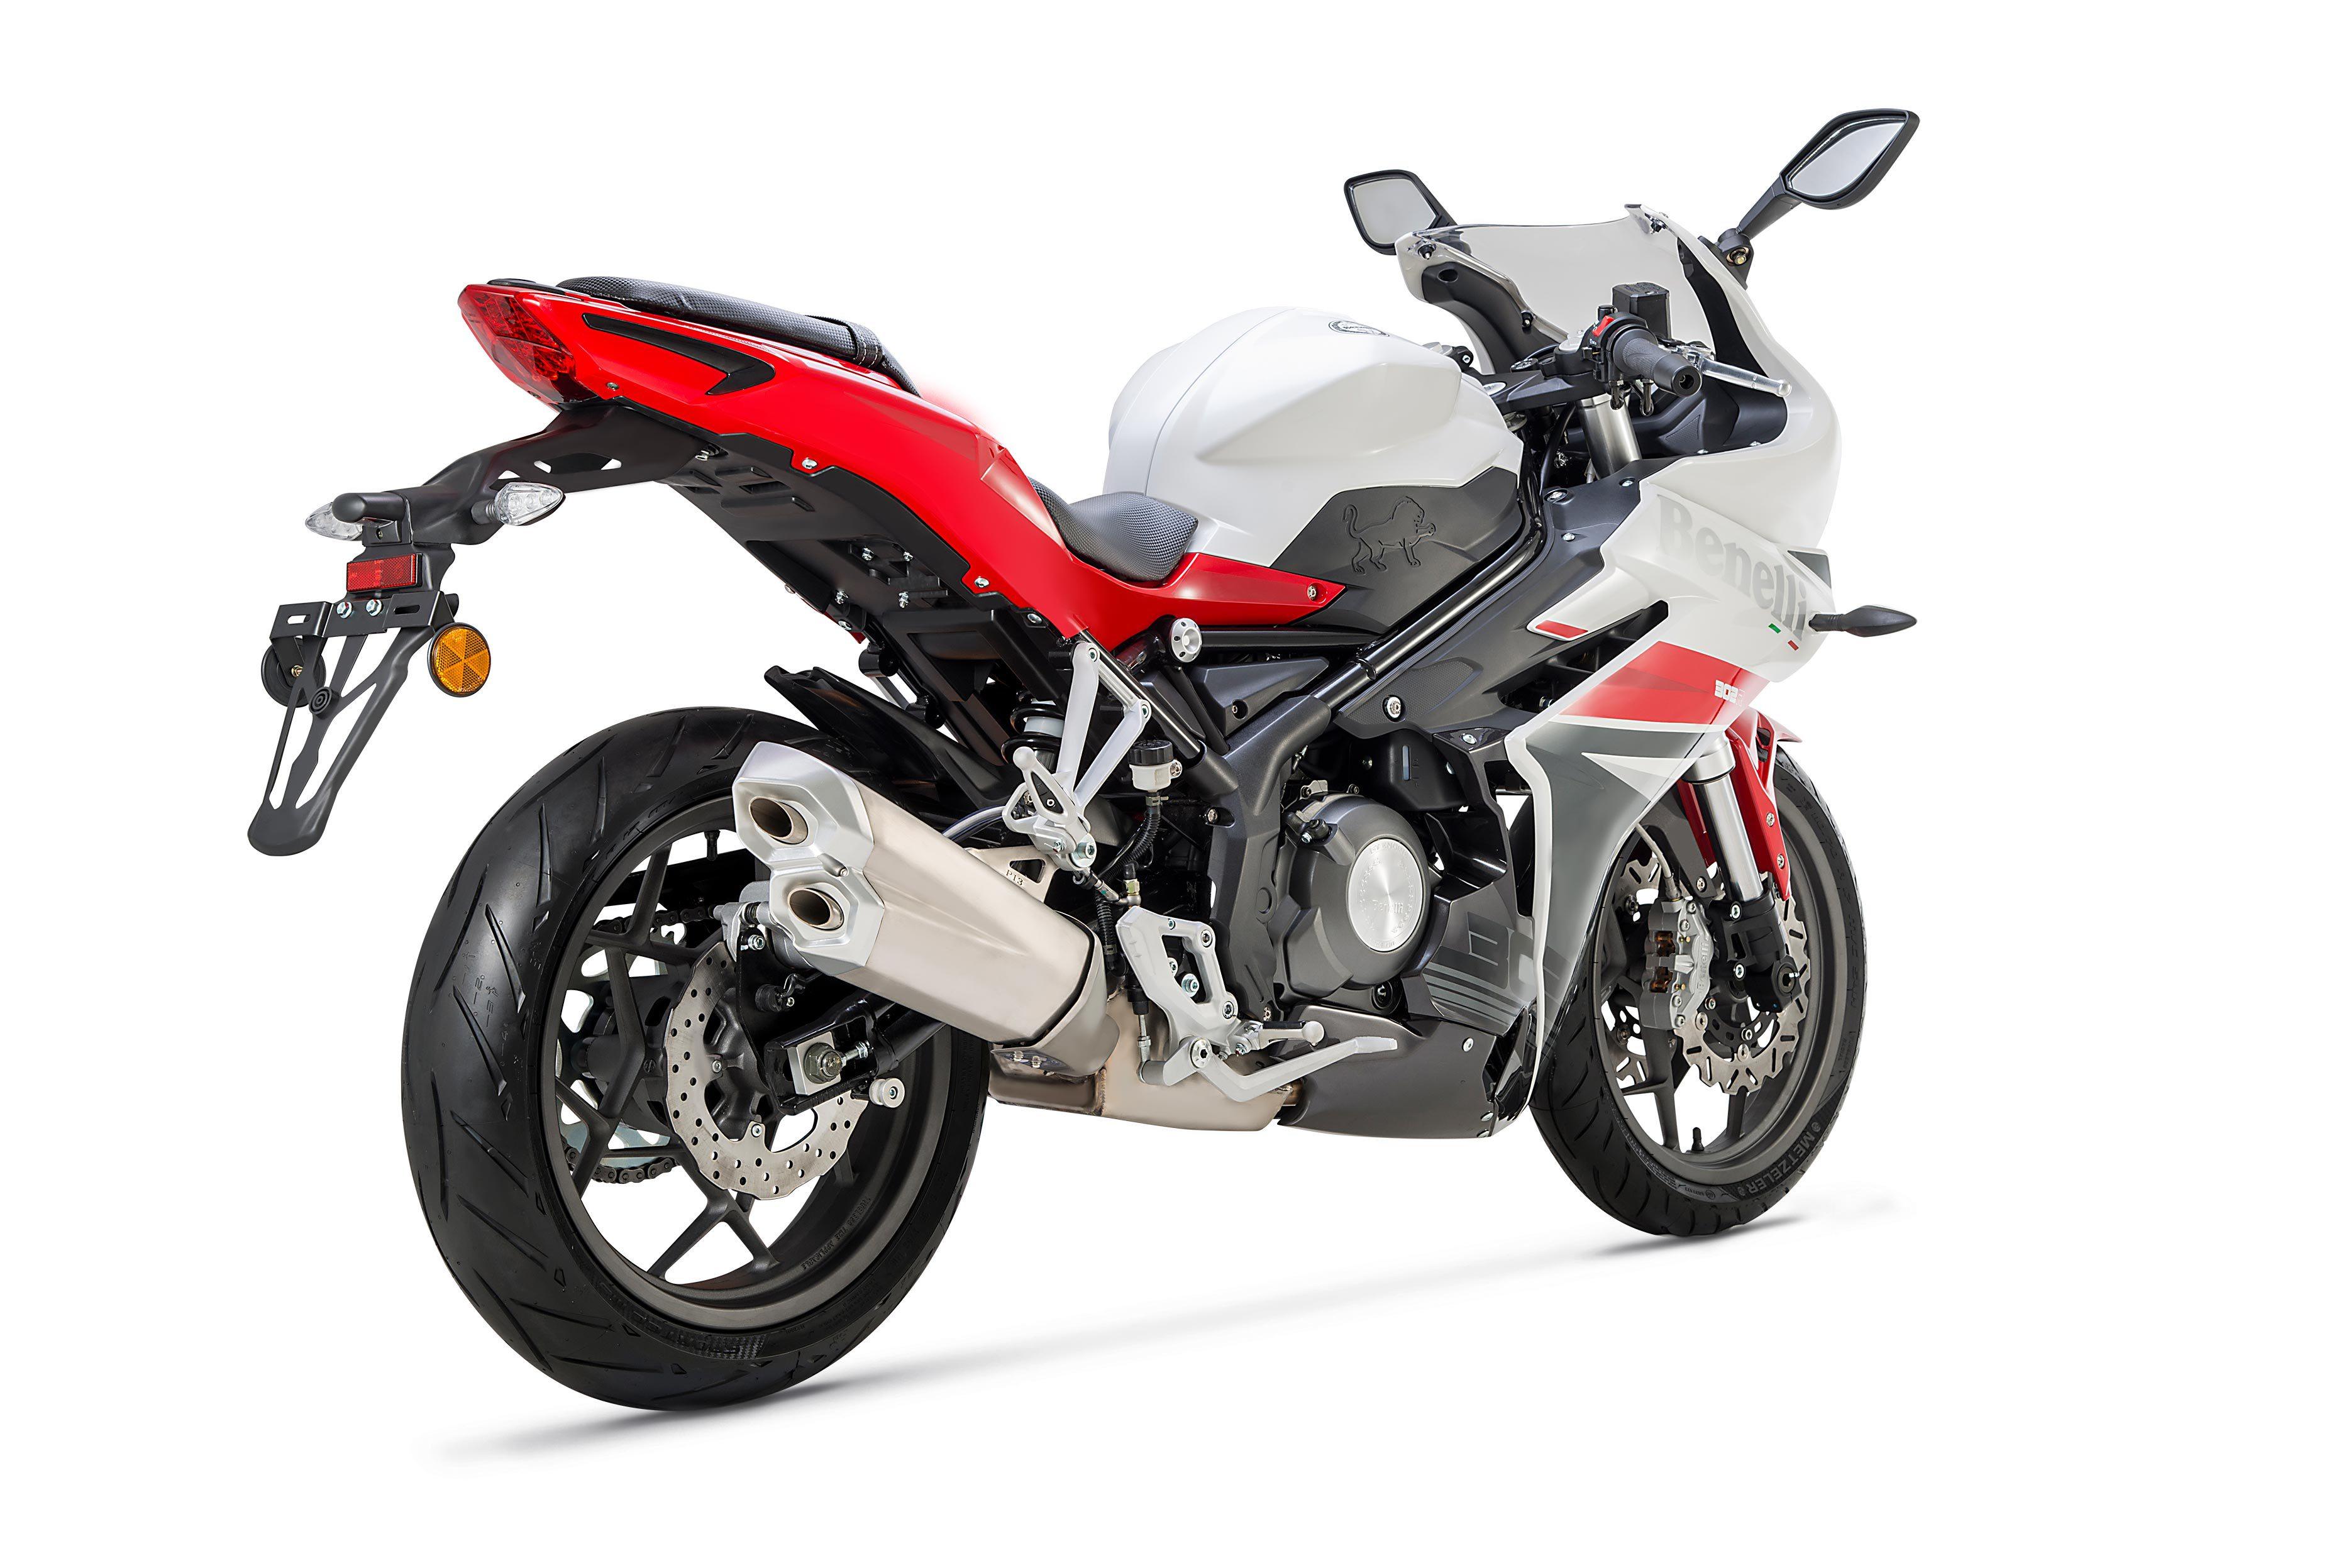 Новый спортбайк Benelli 302R 2018